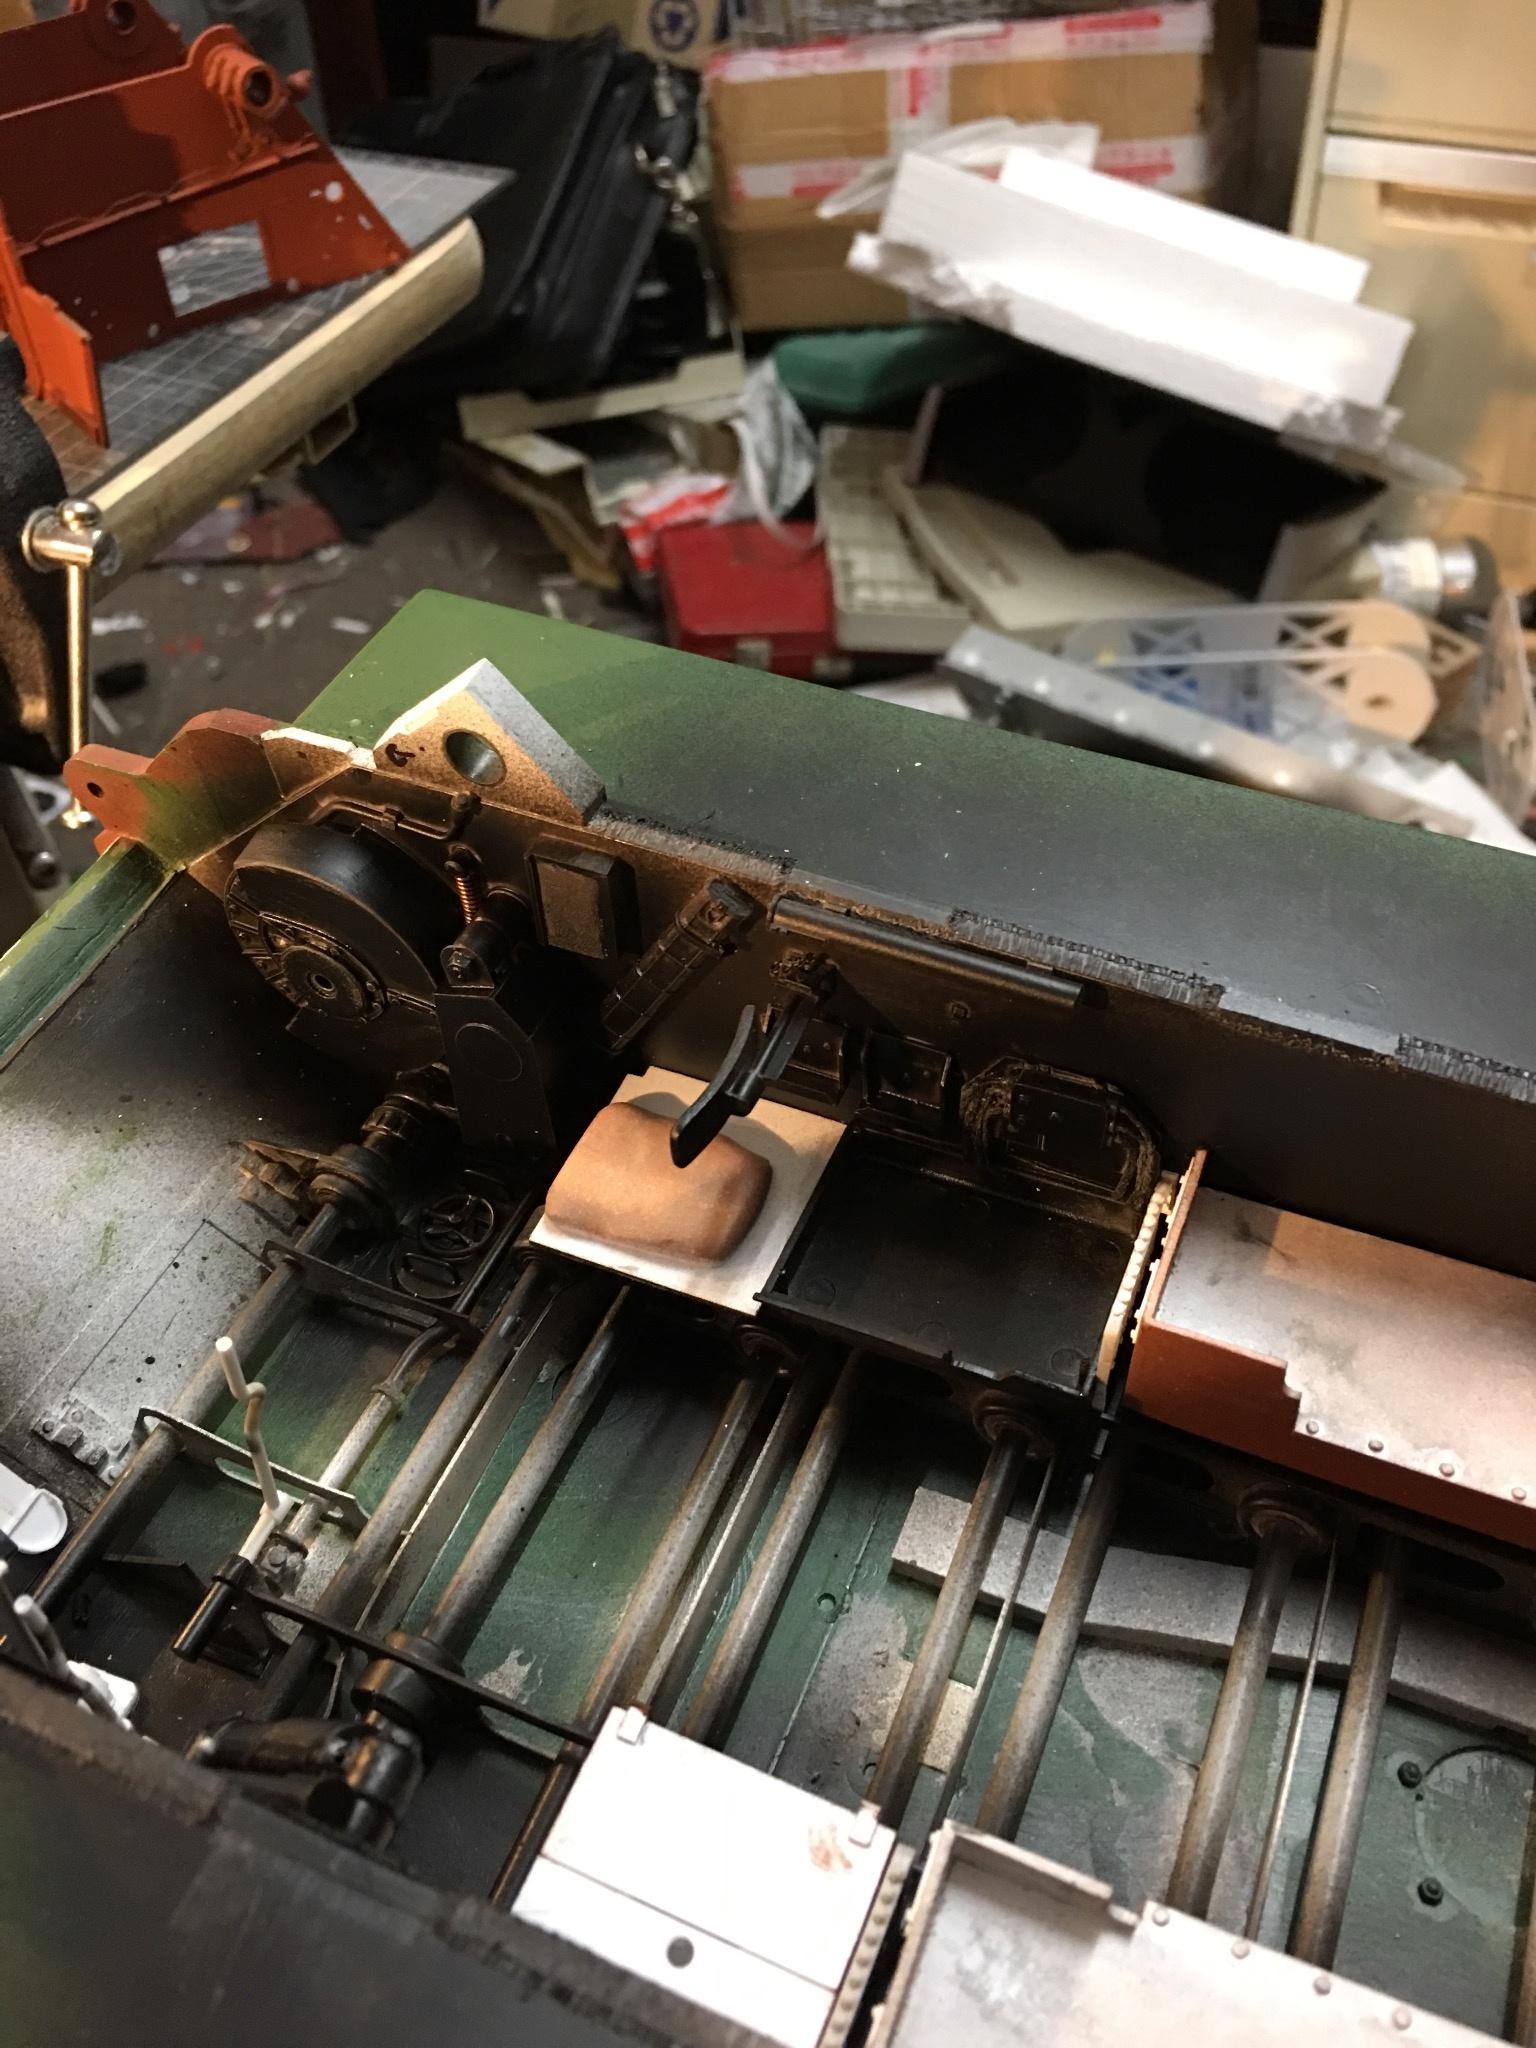 266D9D89-1252-4C9E-8A2C-B49F3F7E0C98.jpeg